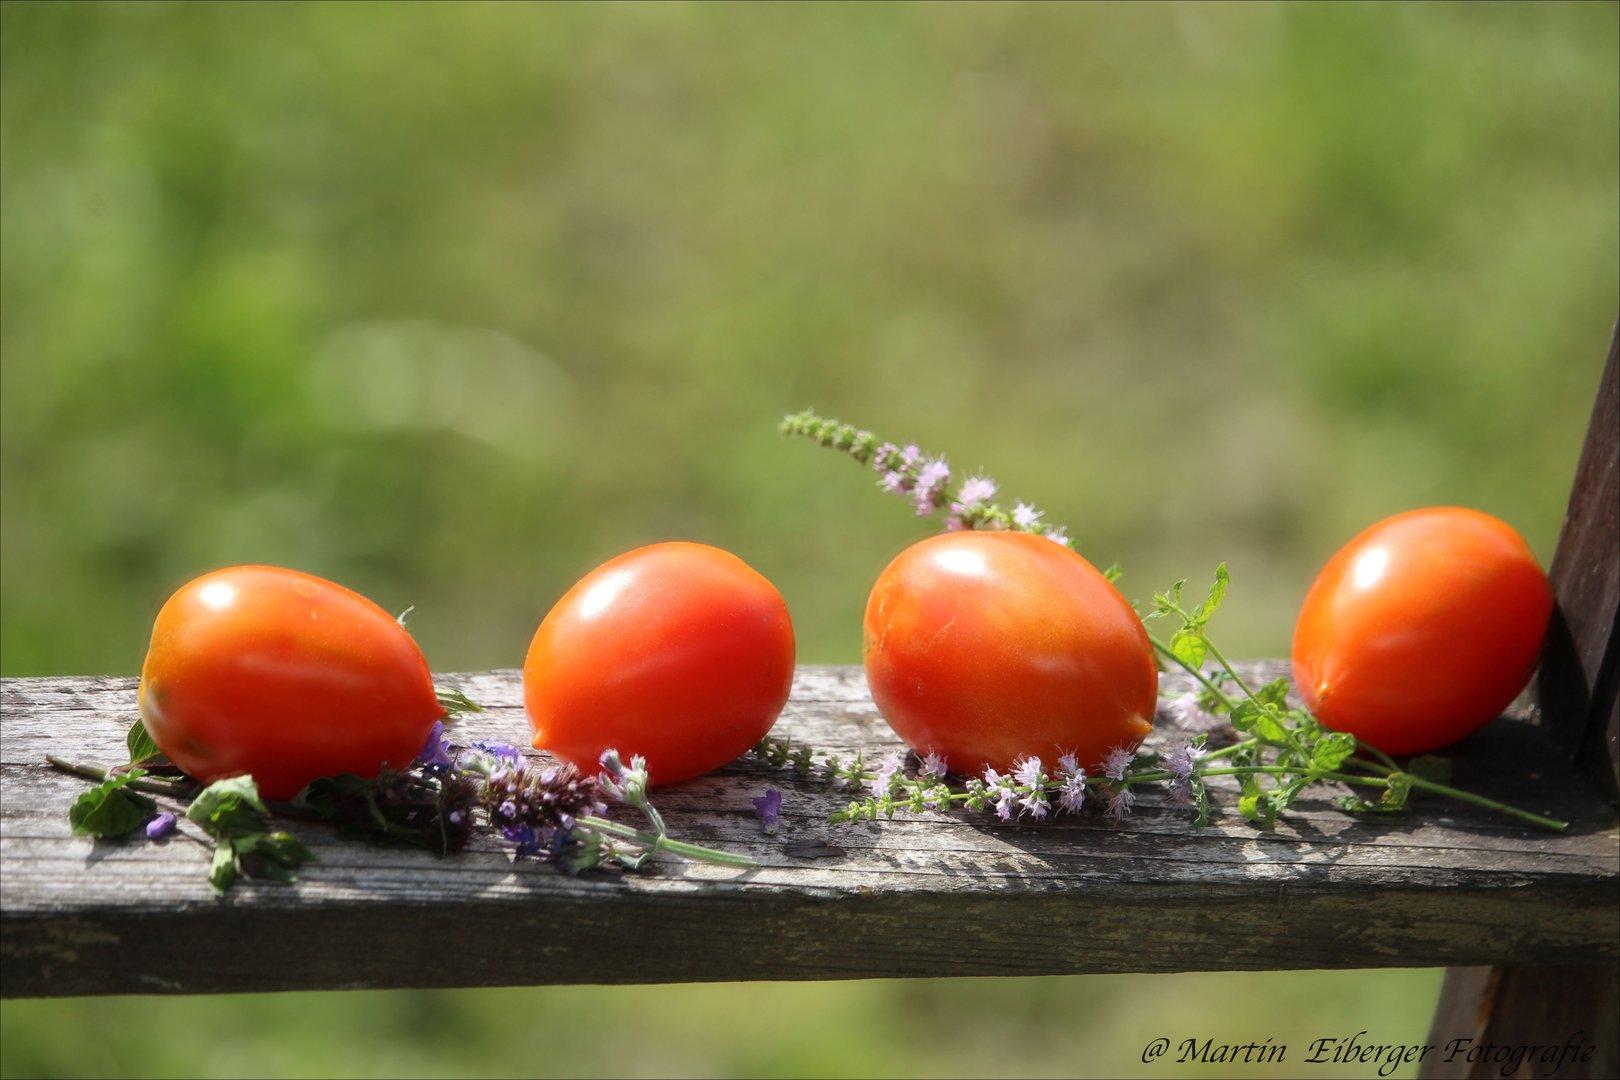 brin de muguet maigl ckchen tomaten samen scharf lecker. Black Bedroom Furniture Sets. Home Design Ideas